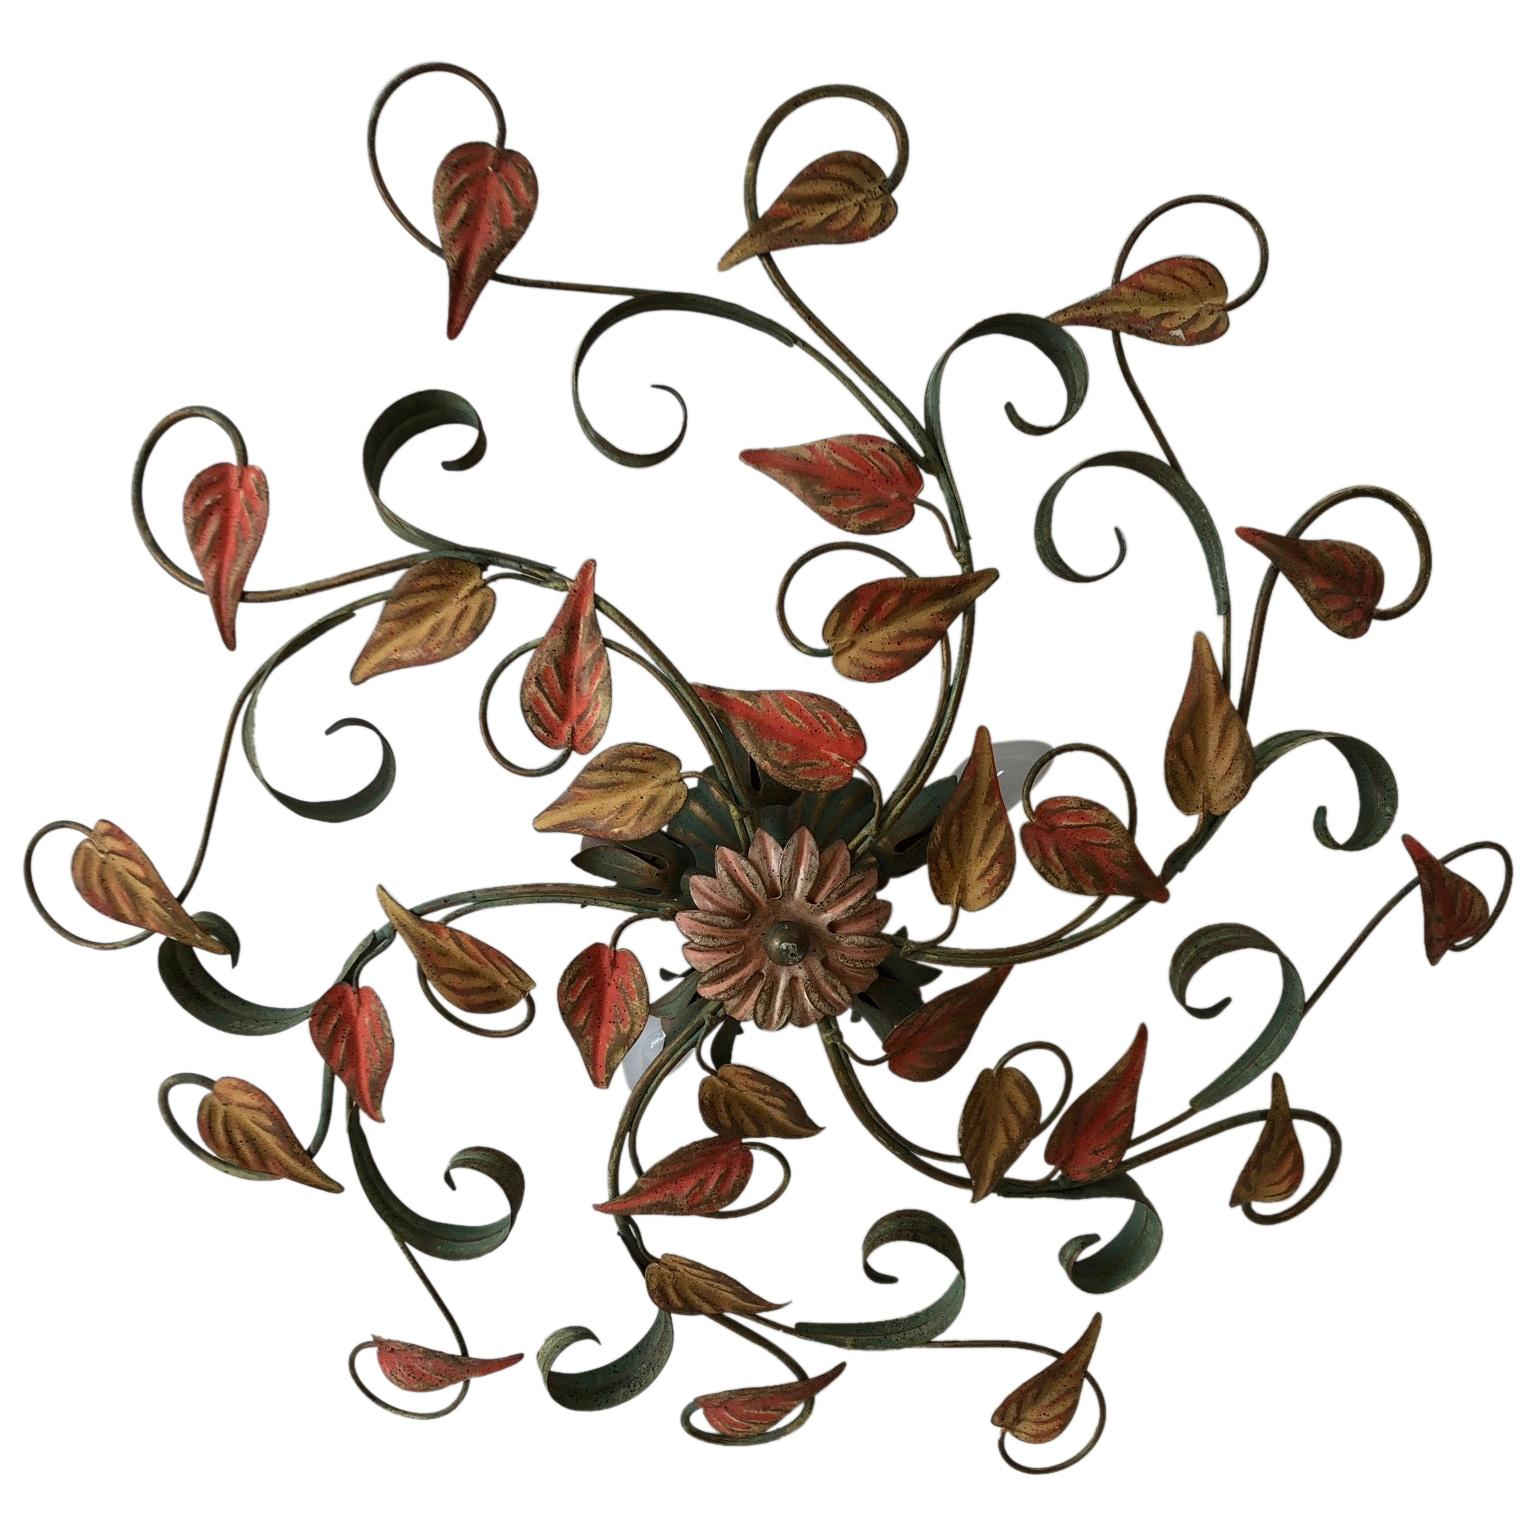 Coloured Vintage 1950s Metal Floral Flush Mount Ceiling Light or Sconce